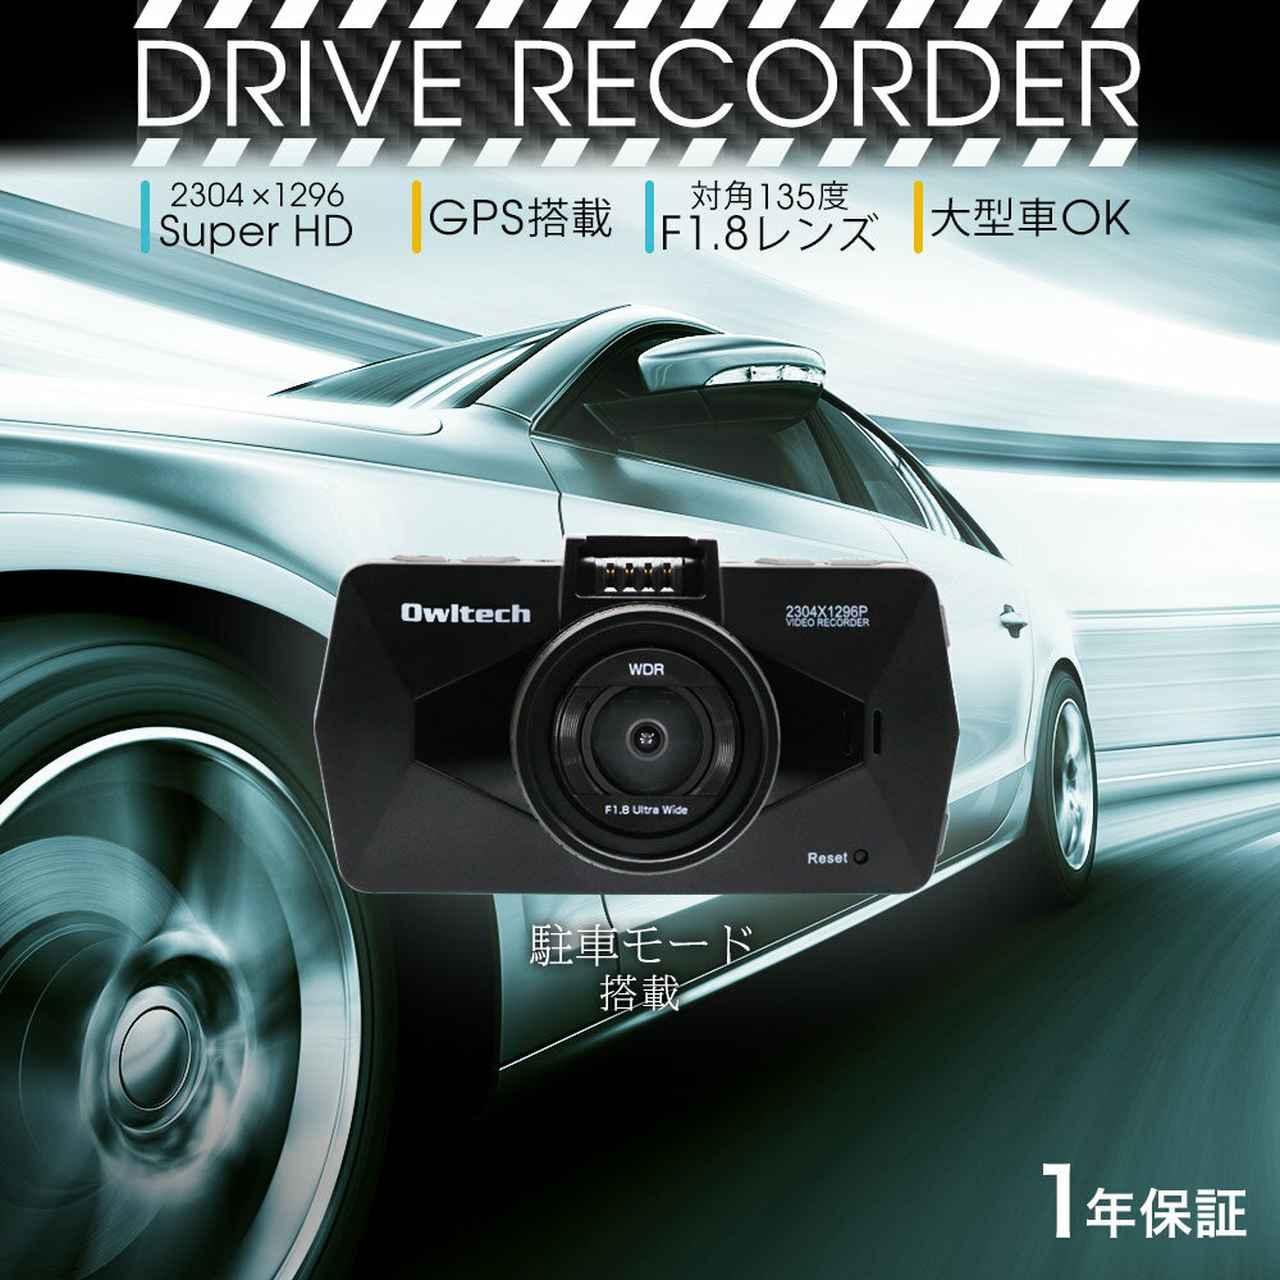 画像: 【激安ドラレコ】オウルテック「OWL-DR701G」は基本性能が高い逸品!1カメラ型での煽り運転対策も伝授